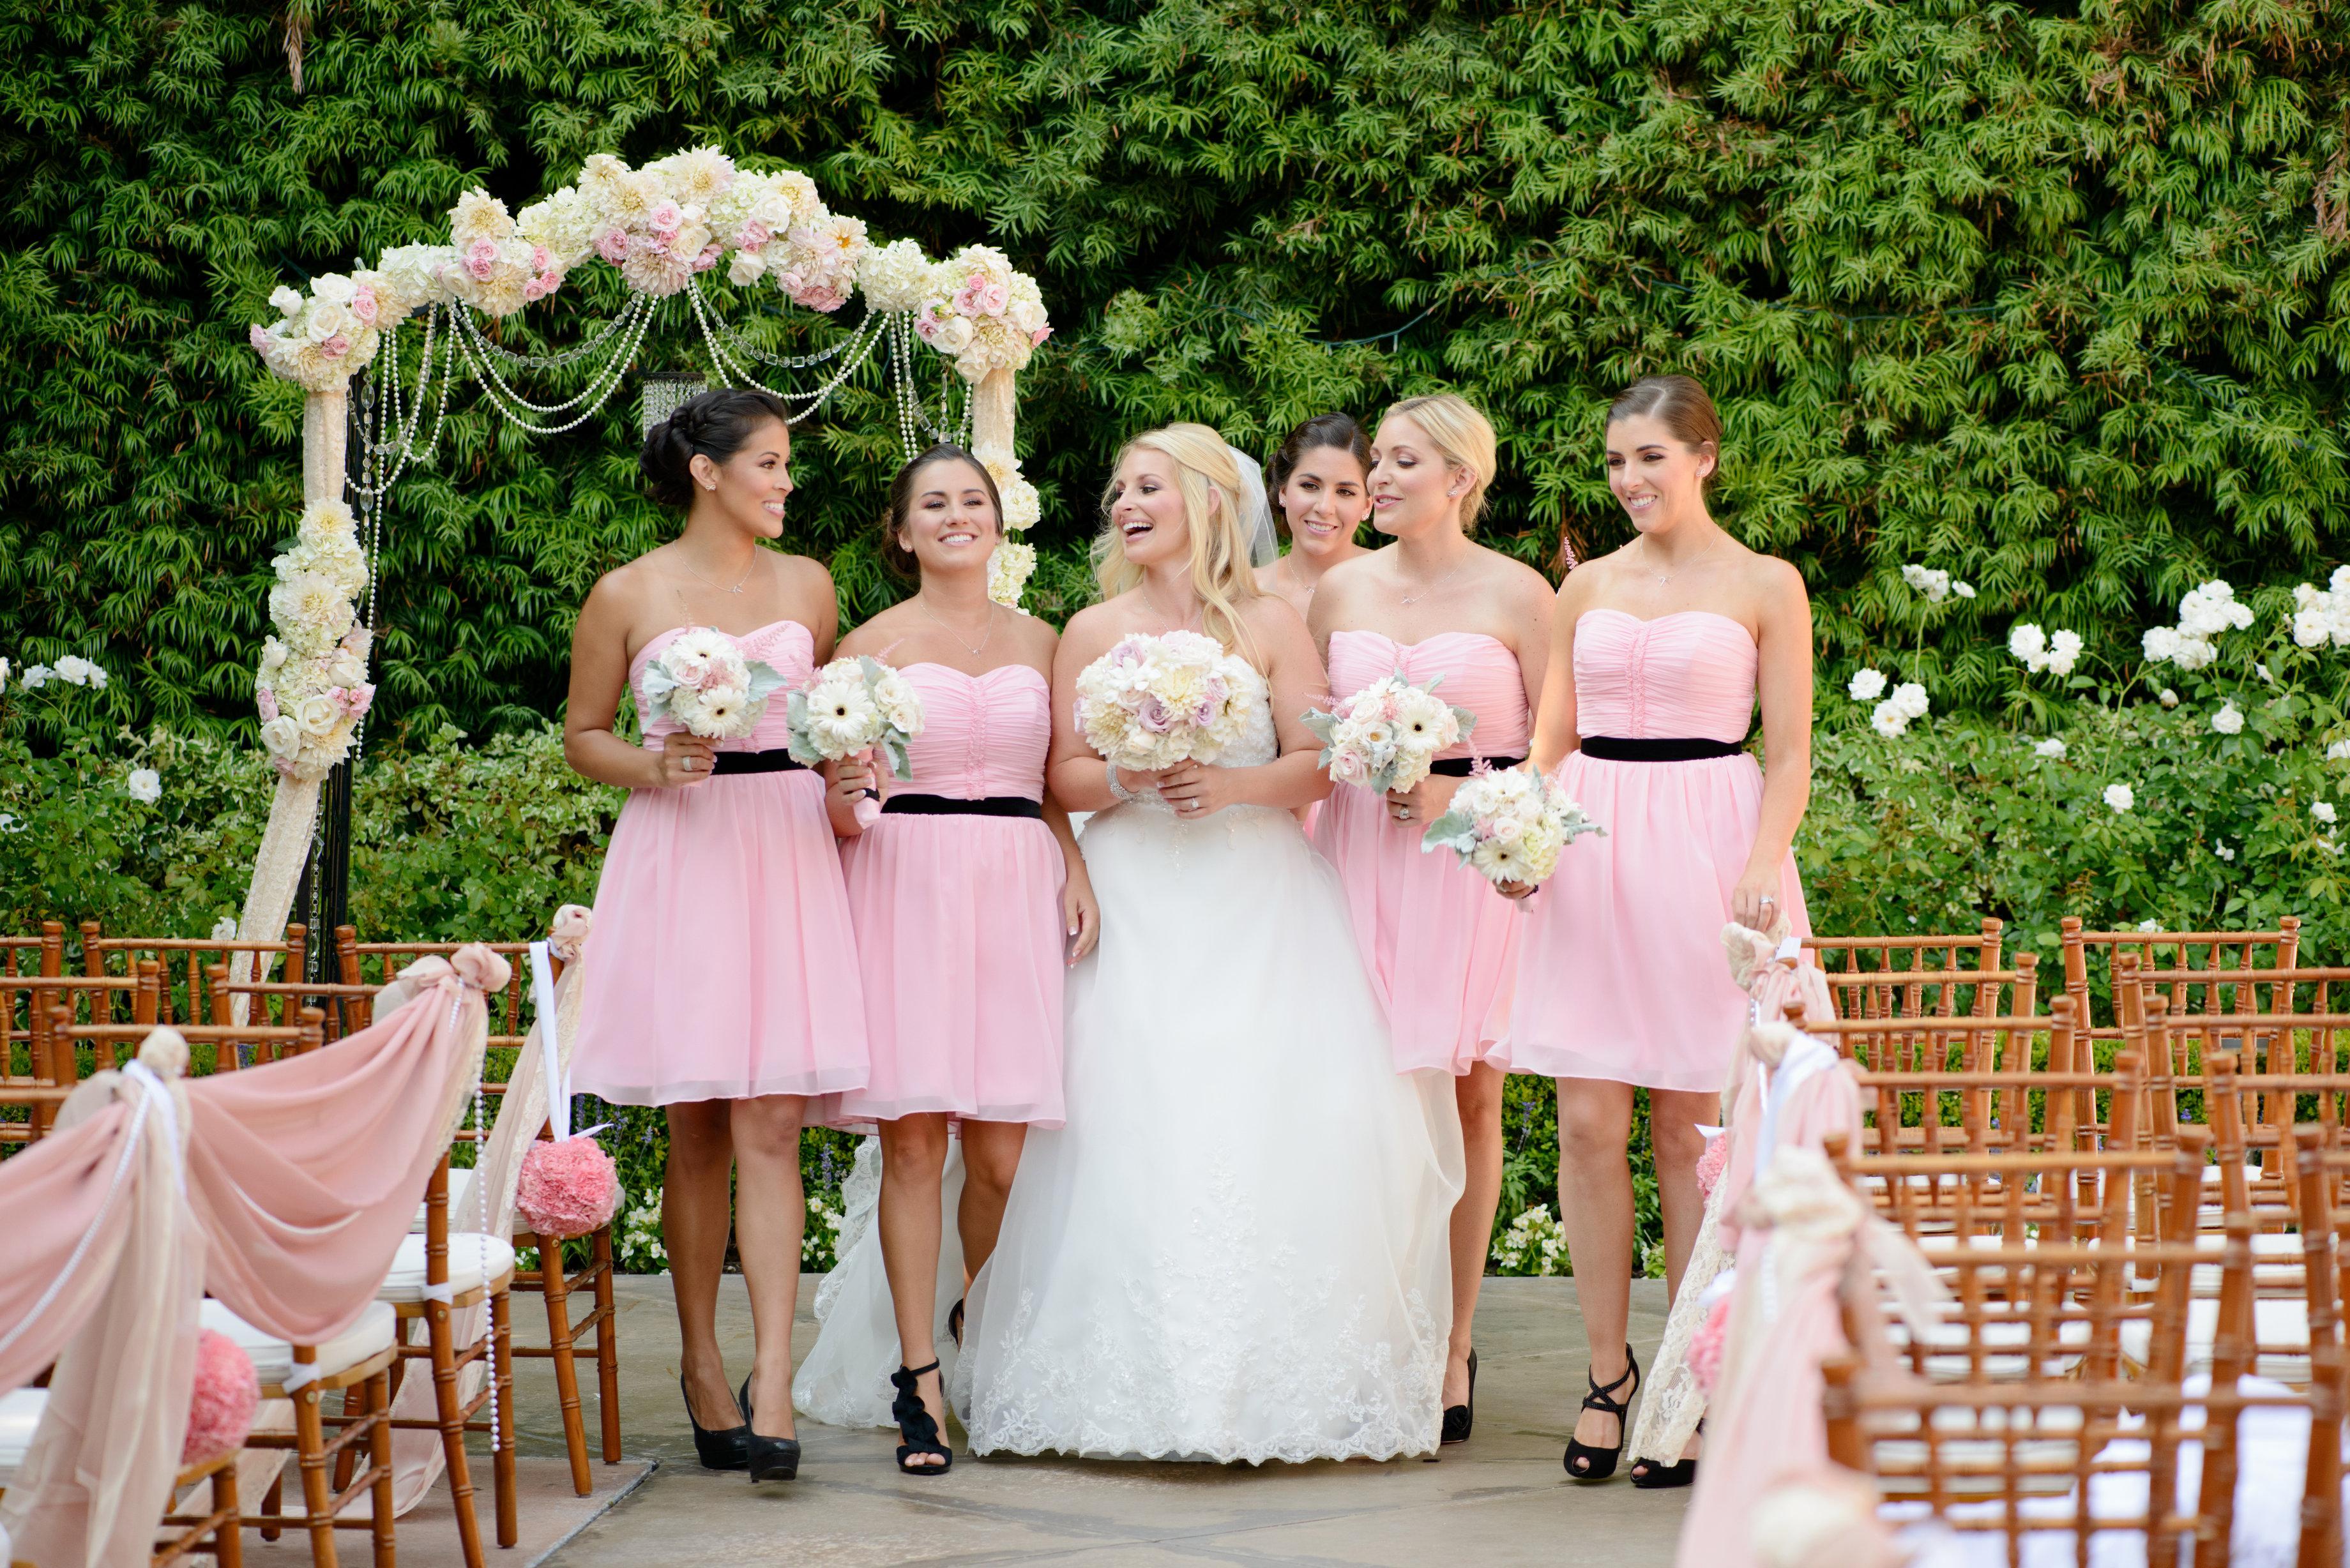 Rsz 3 Amanda And Bridal Party